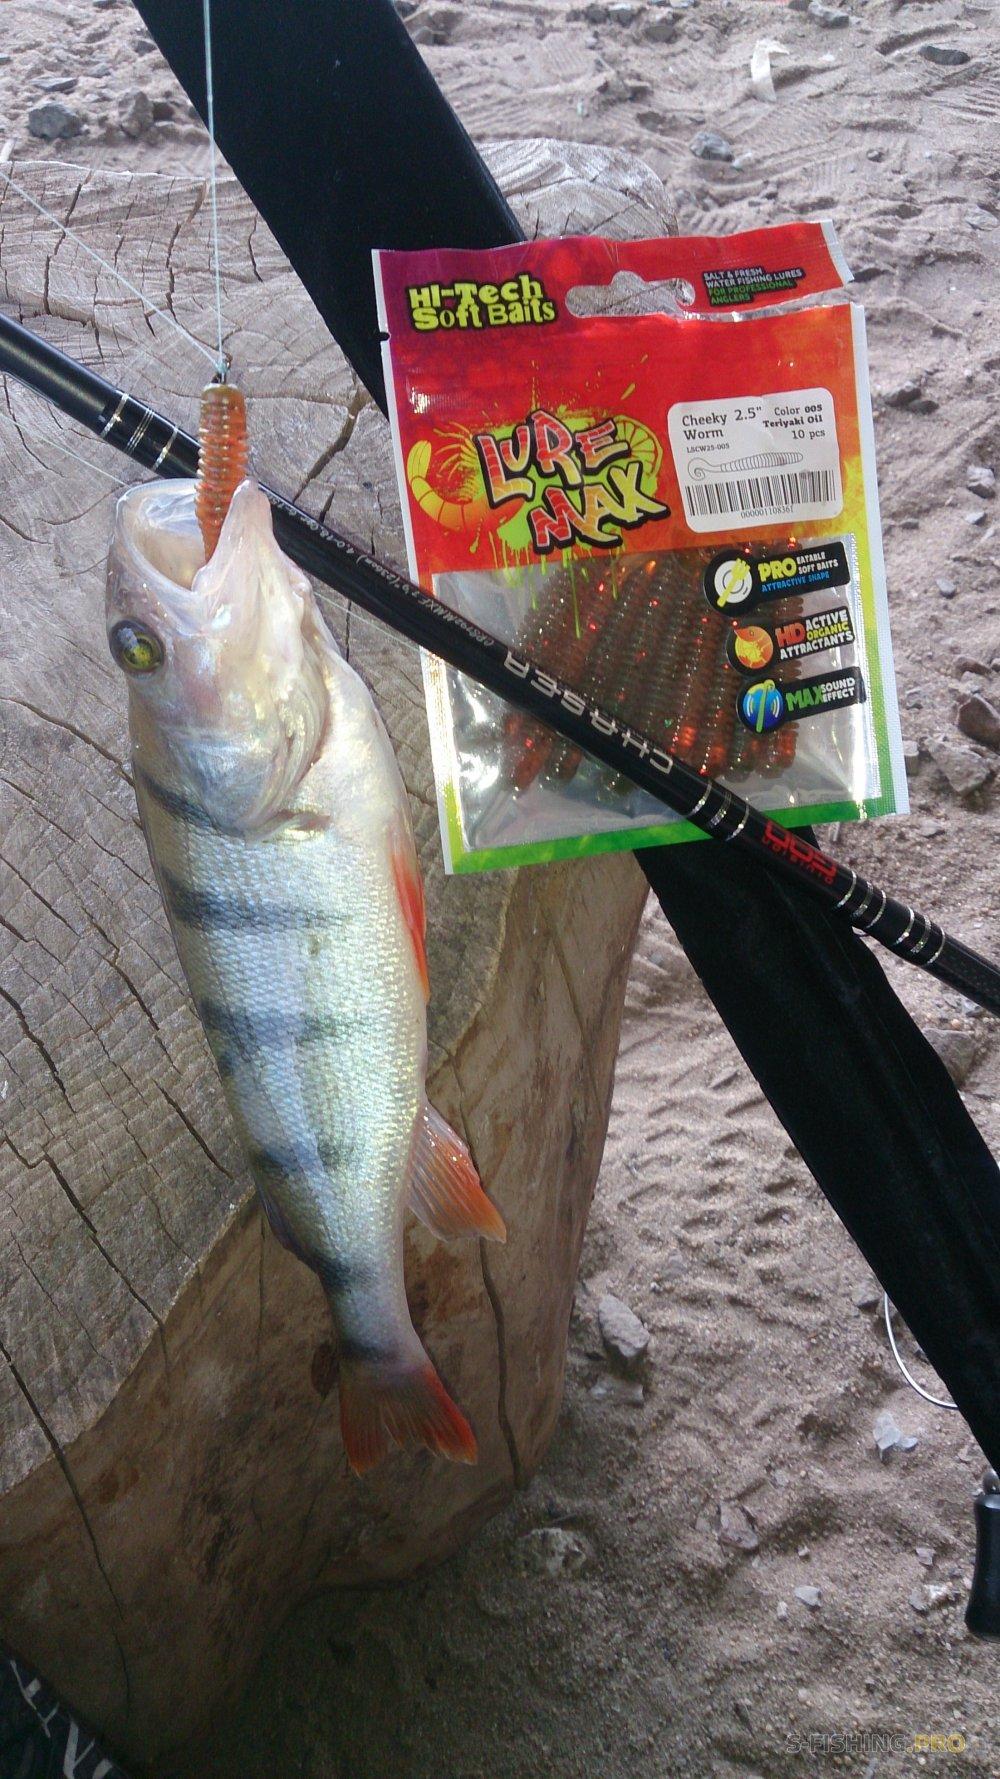 LureMax-очень вкусные приманки для рыбы